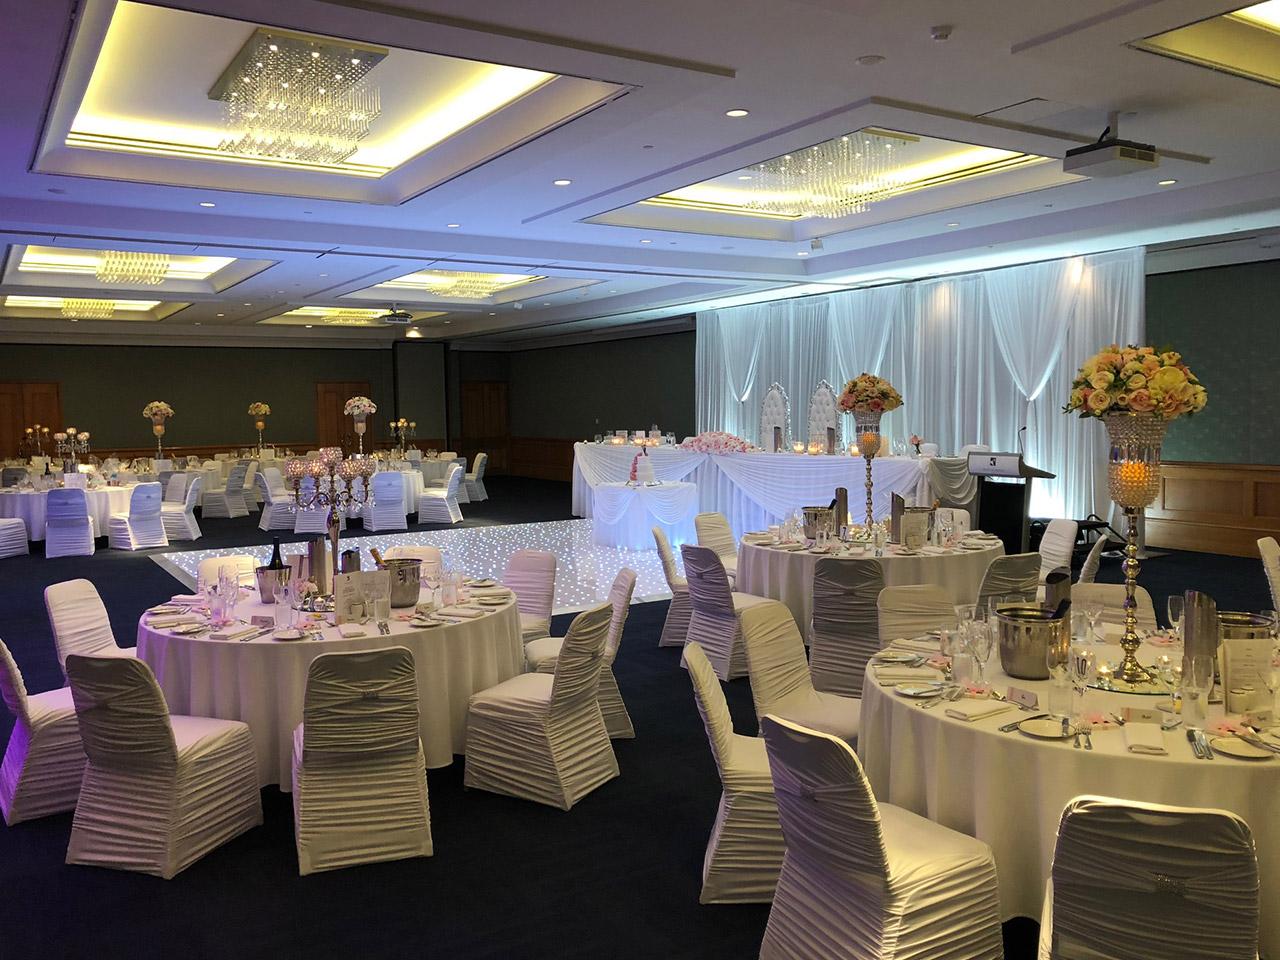 Banquet style wedding